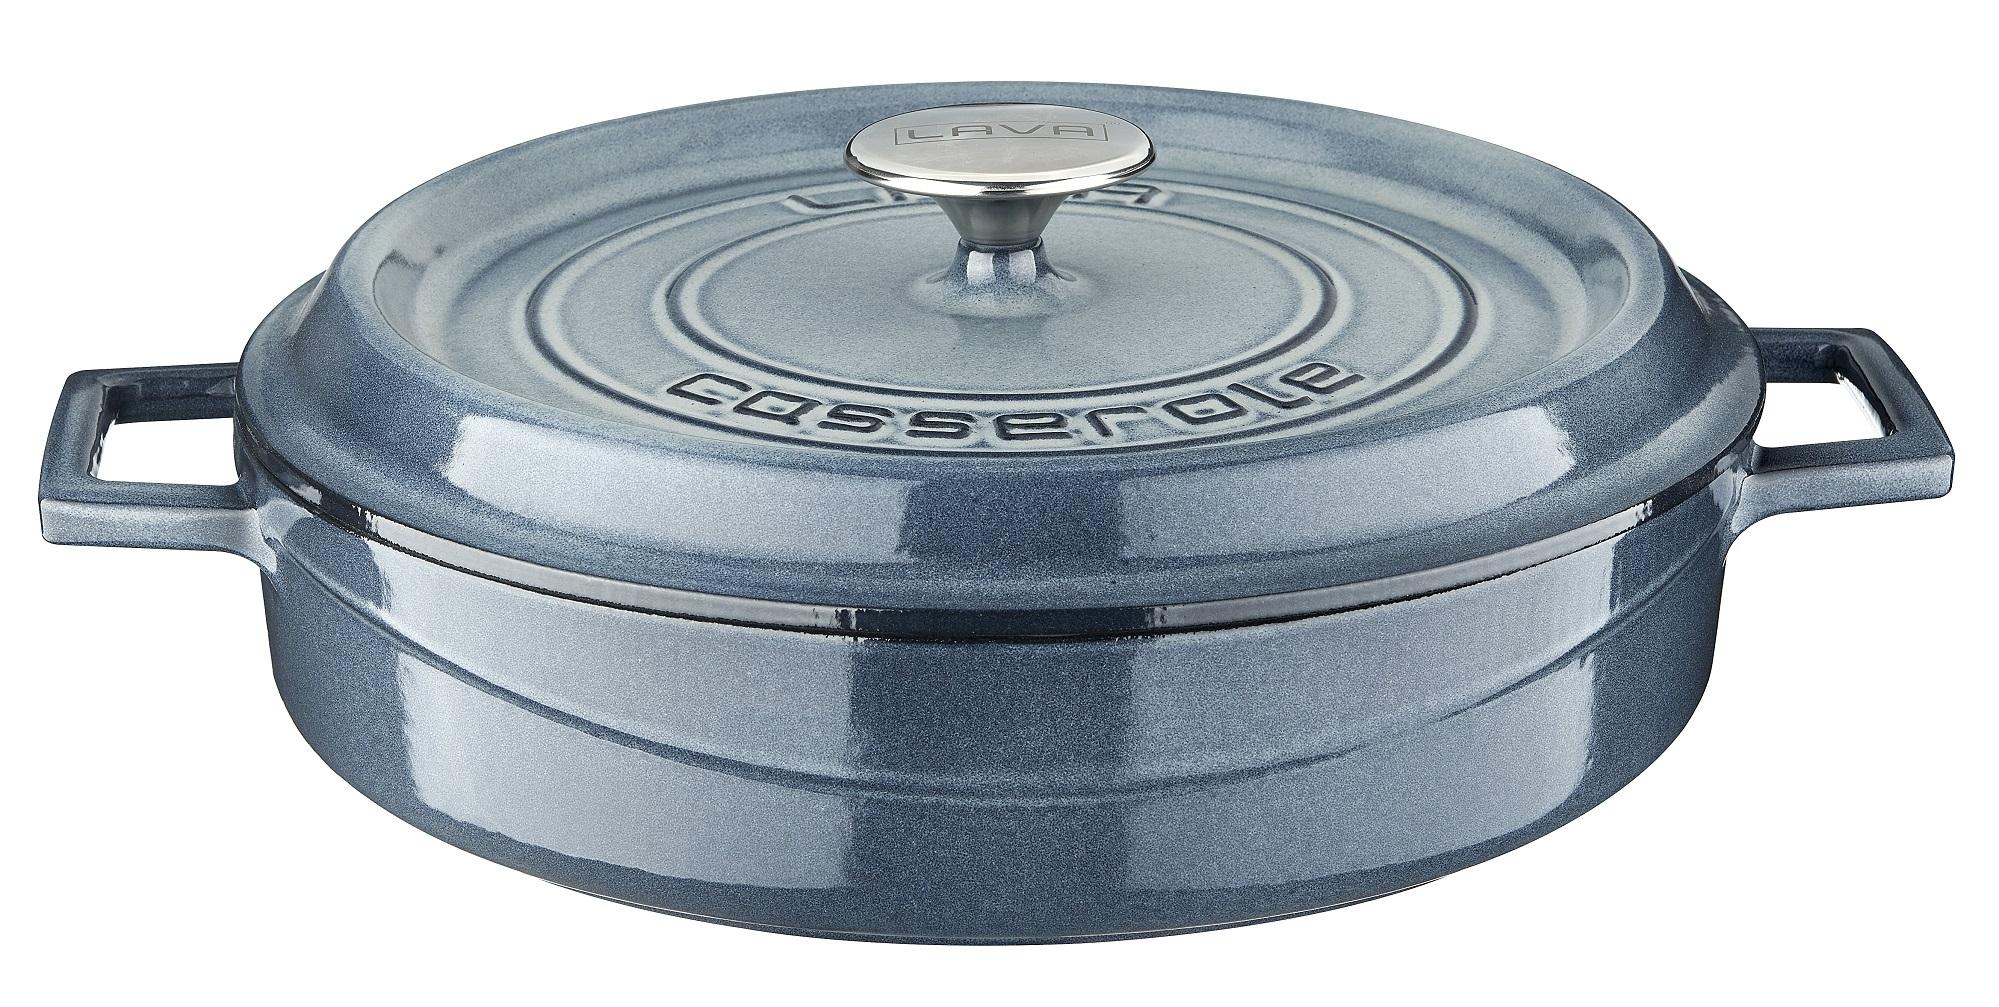 LAVA METAL Litinový hrnec nízký kulatý 28 cm - šedá majolika